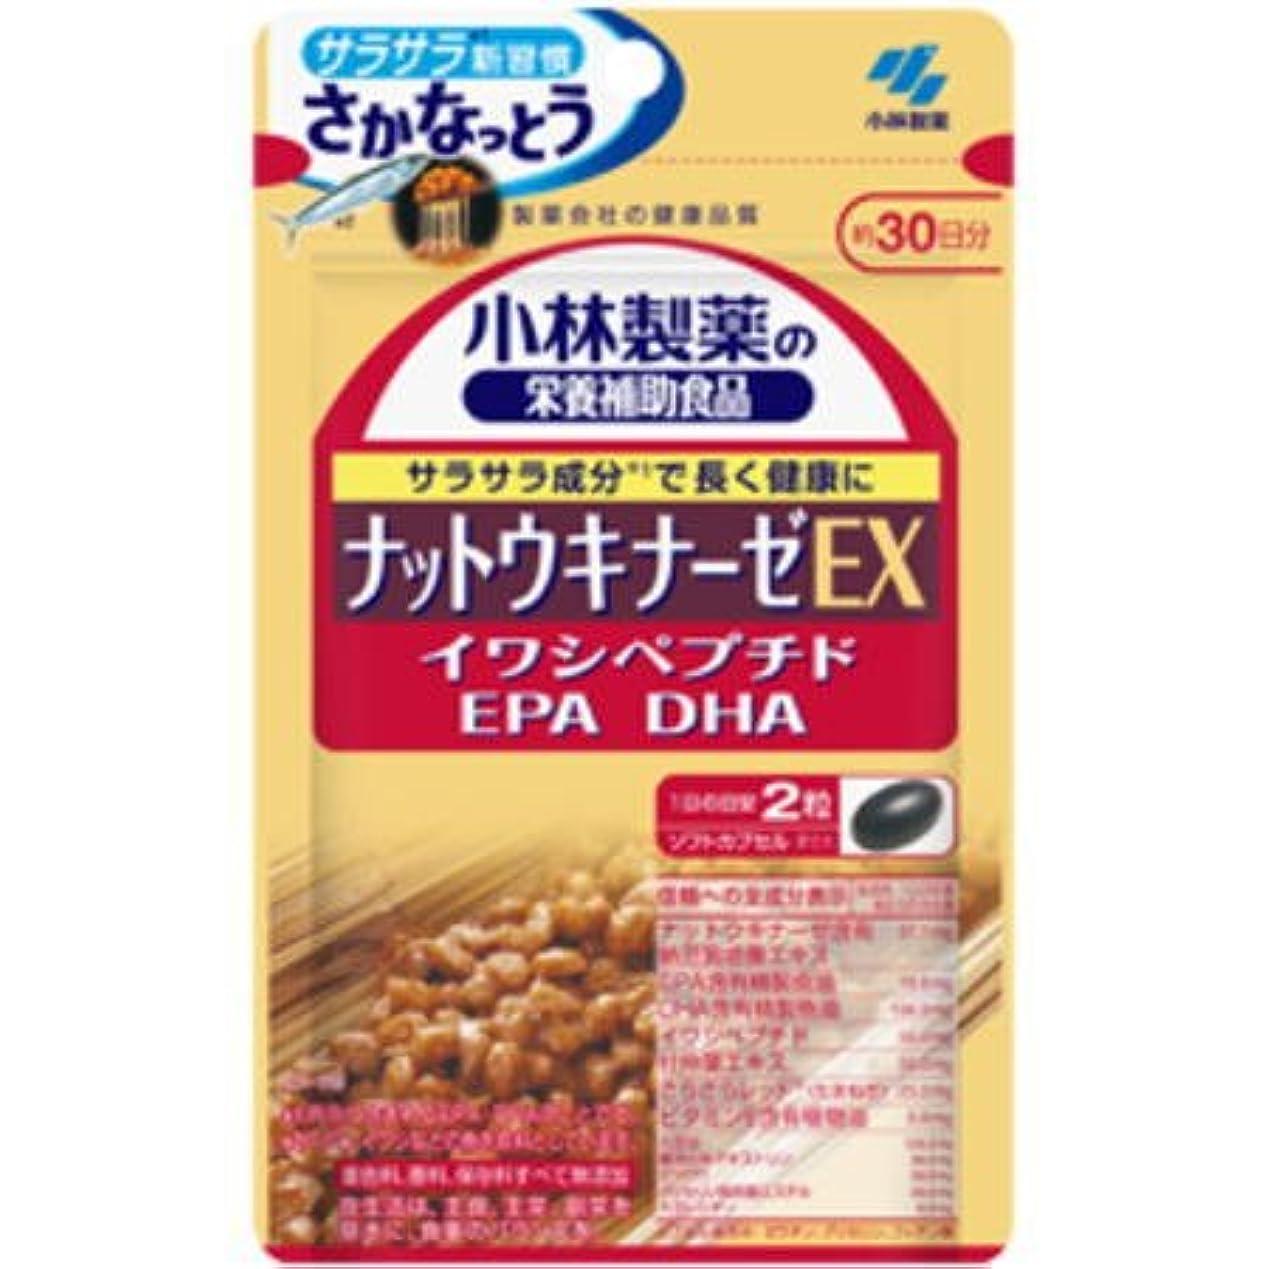 小林製薬 ナットウキナーゼ EX 60粒【ネコポス発送】